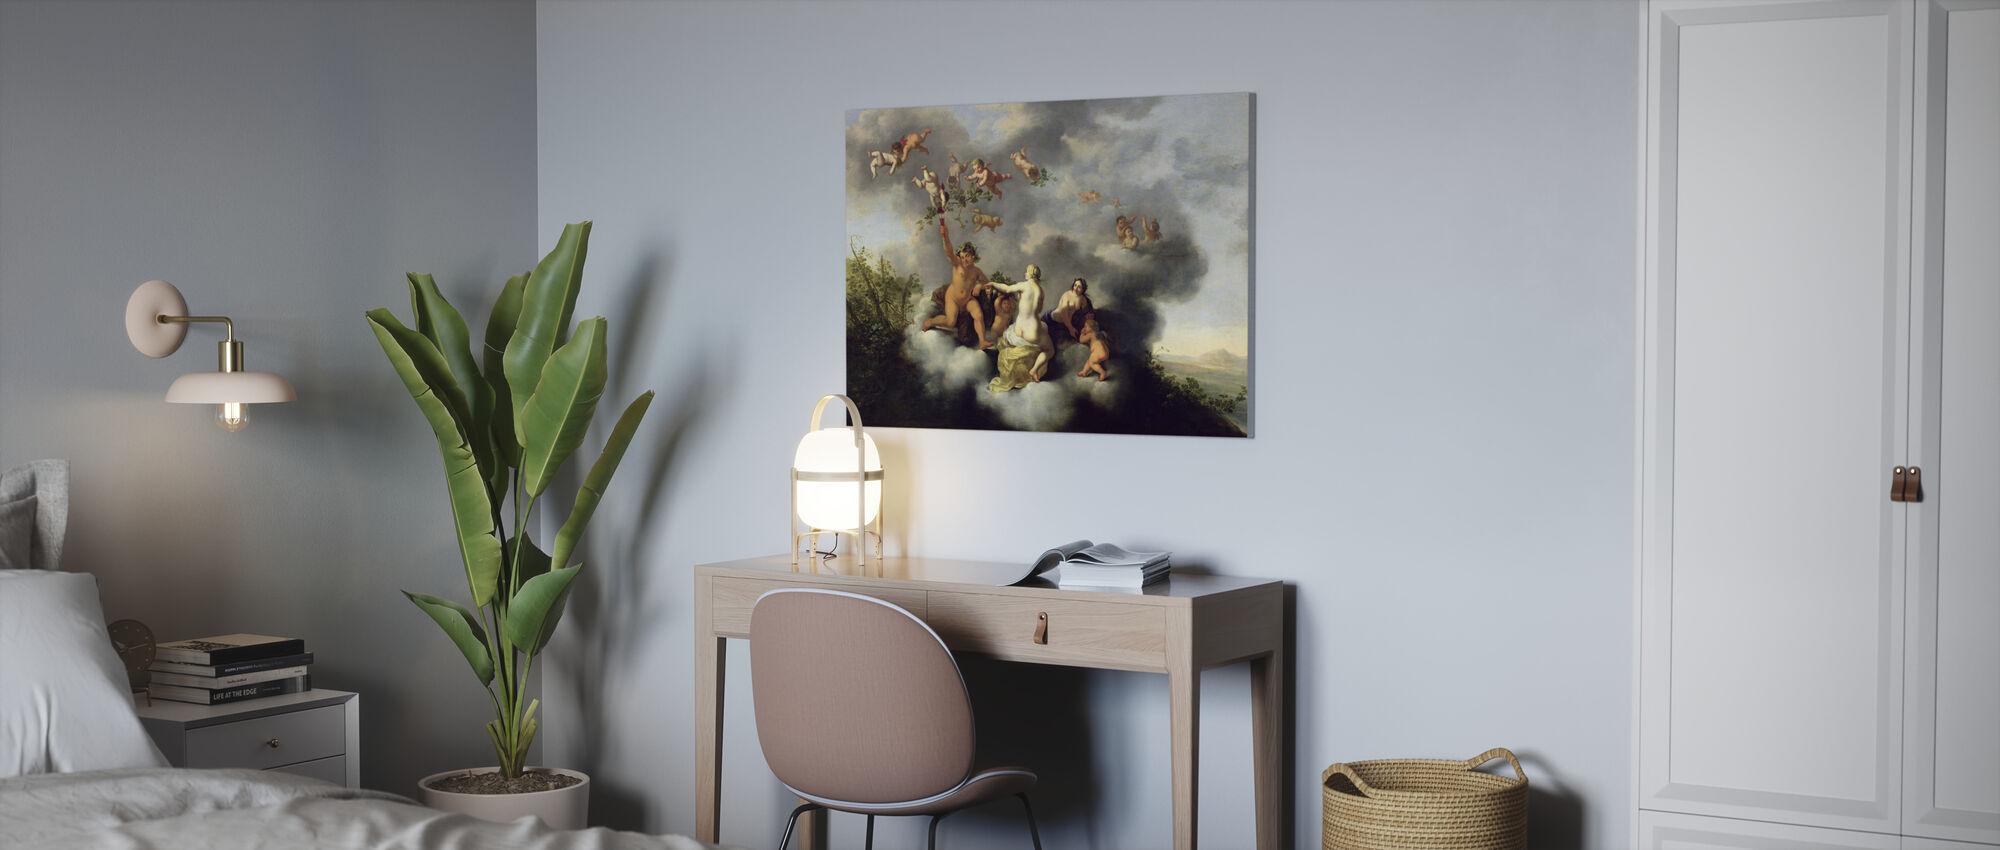 Vénus et Cupidon - Cornelis van Poelenburgh - Impression sur toile - Bureau